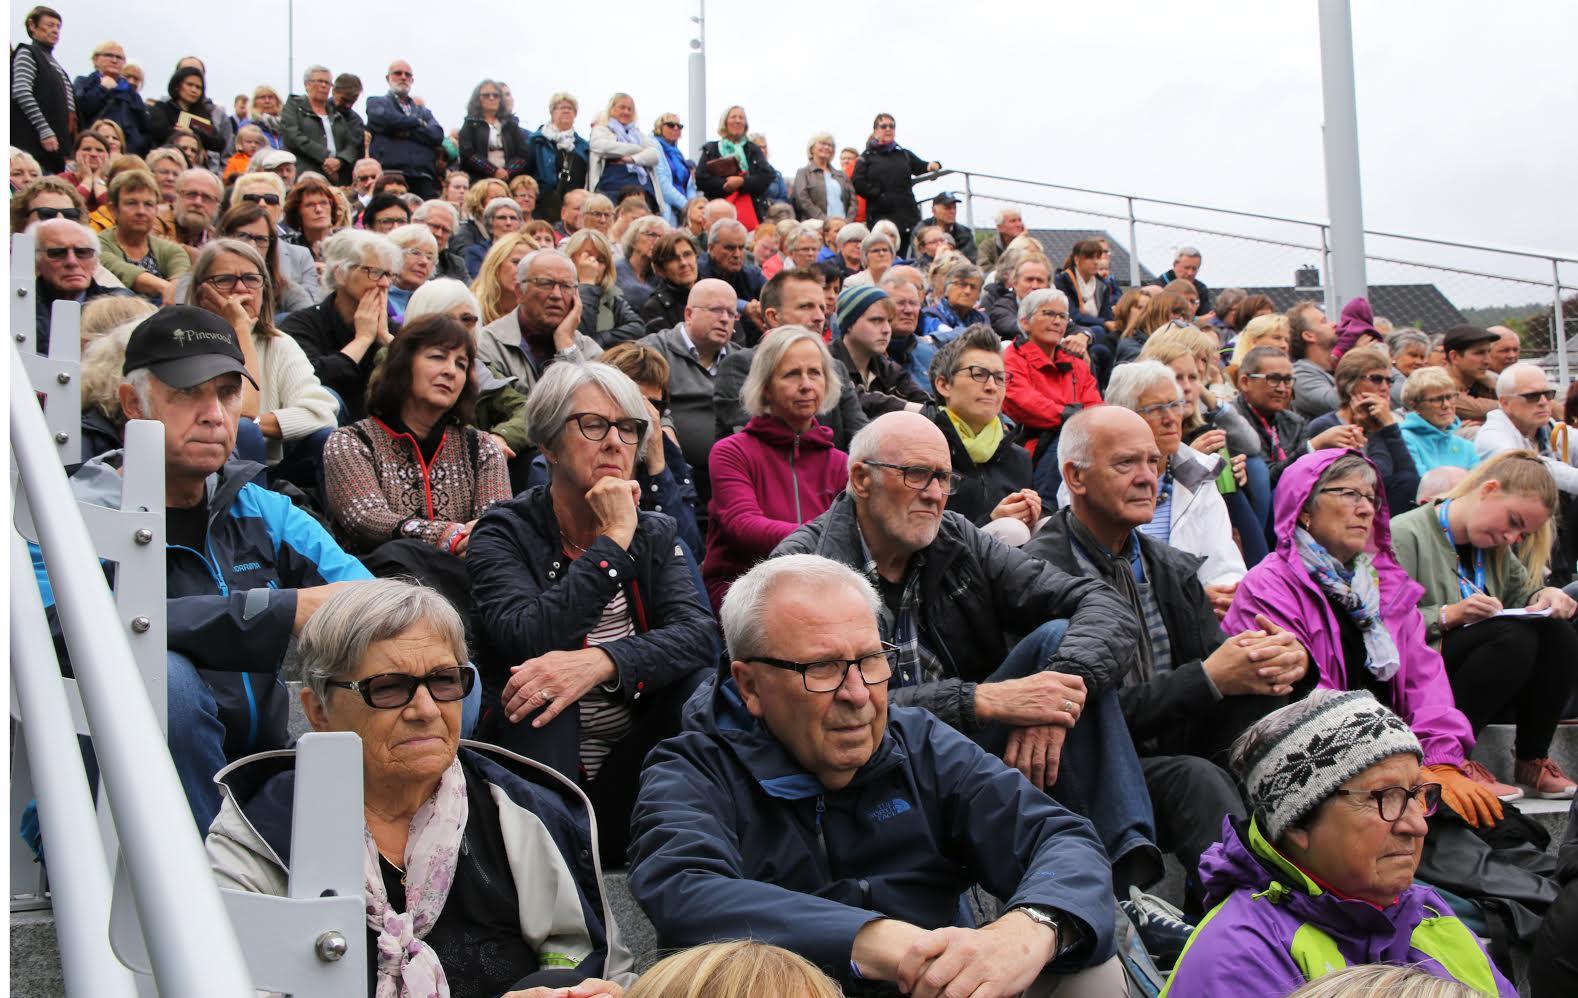 Trappa foran utePlassen var full før åpningen av årets Bjørnsonfestival. Alle foto:Sven Erik Skarsbø.